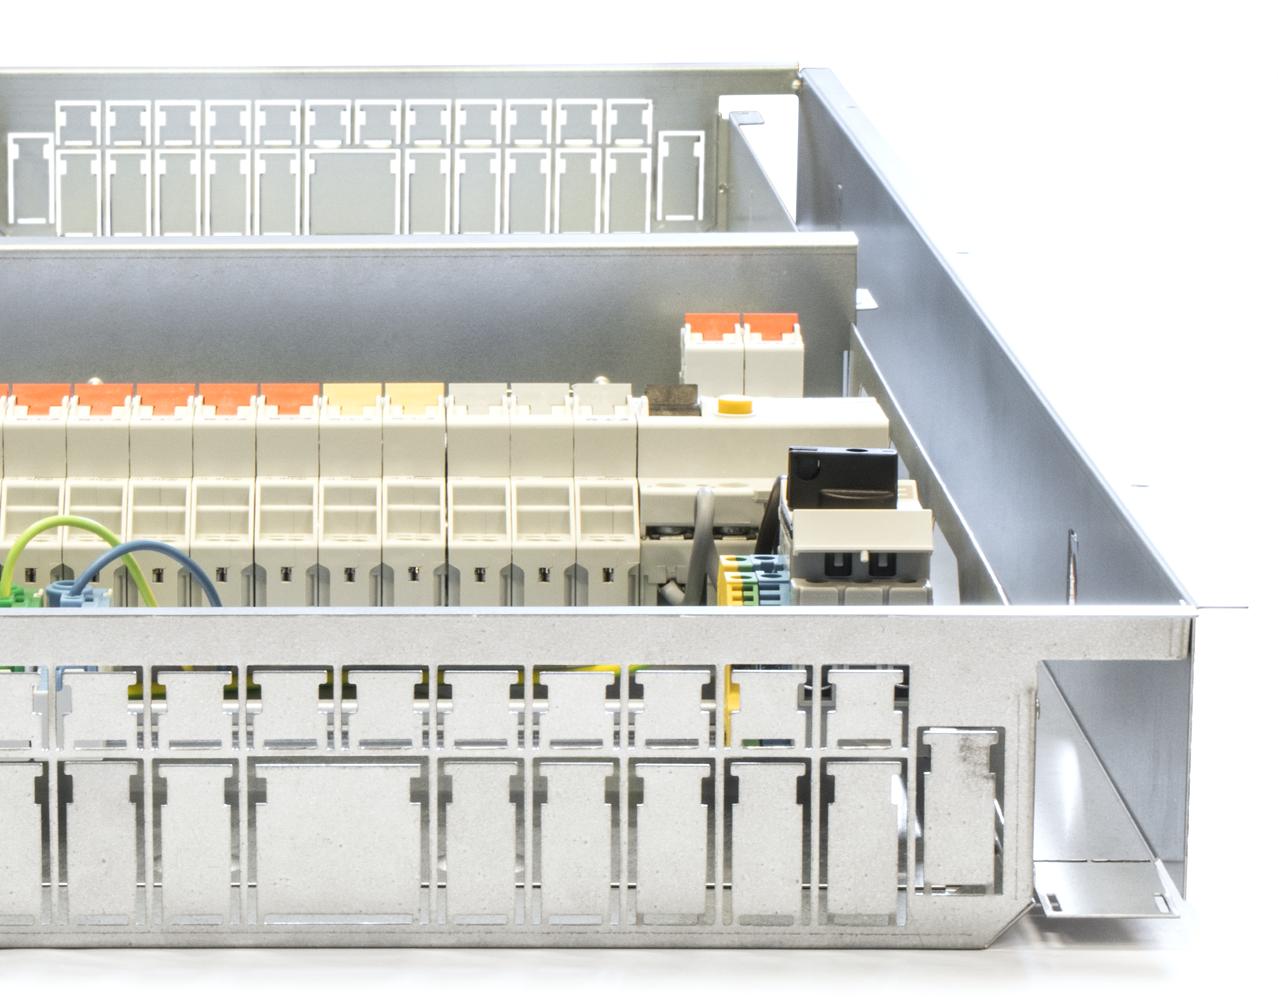 Närbild på lägenhetscentralen och multimediacentralen Power&Network Cabinet